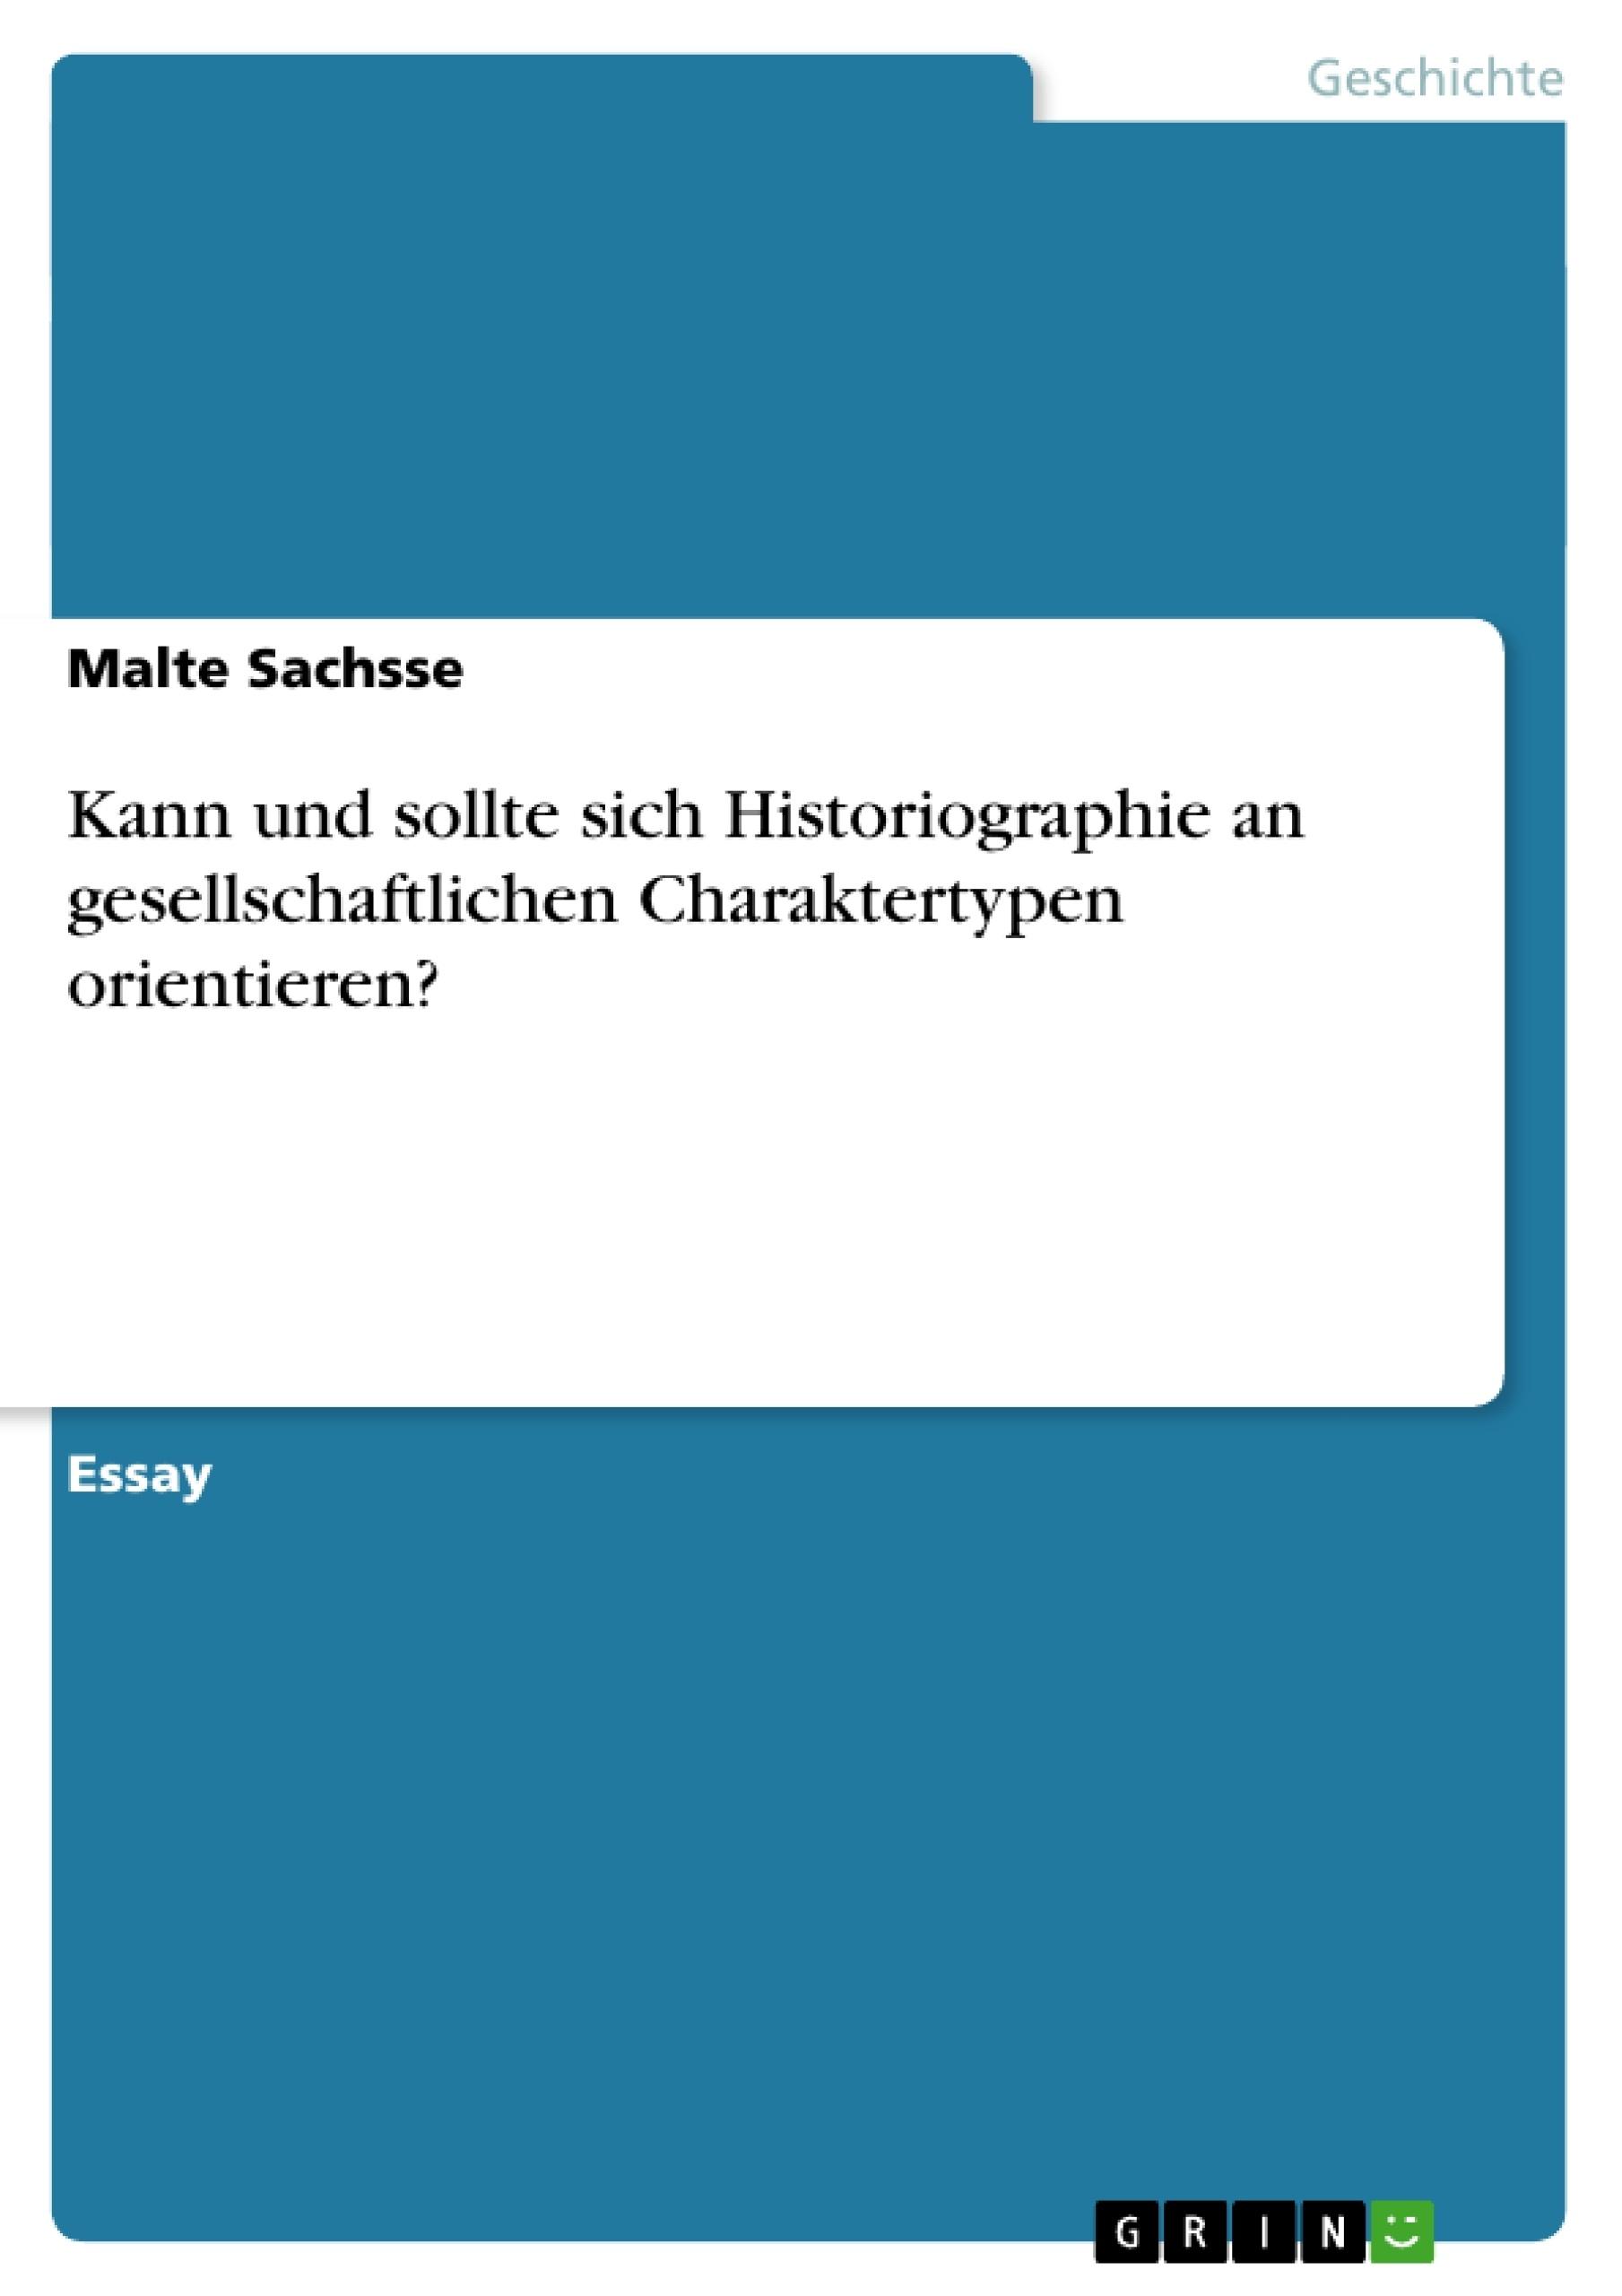 Titel: Kann und sollte sich Historiographie an gesellschaftlichen Charaktertypen orientieren?